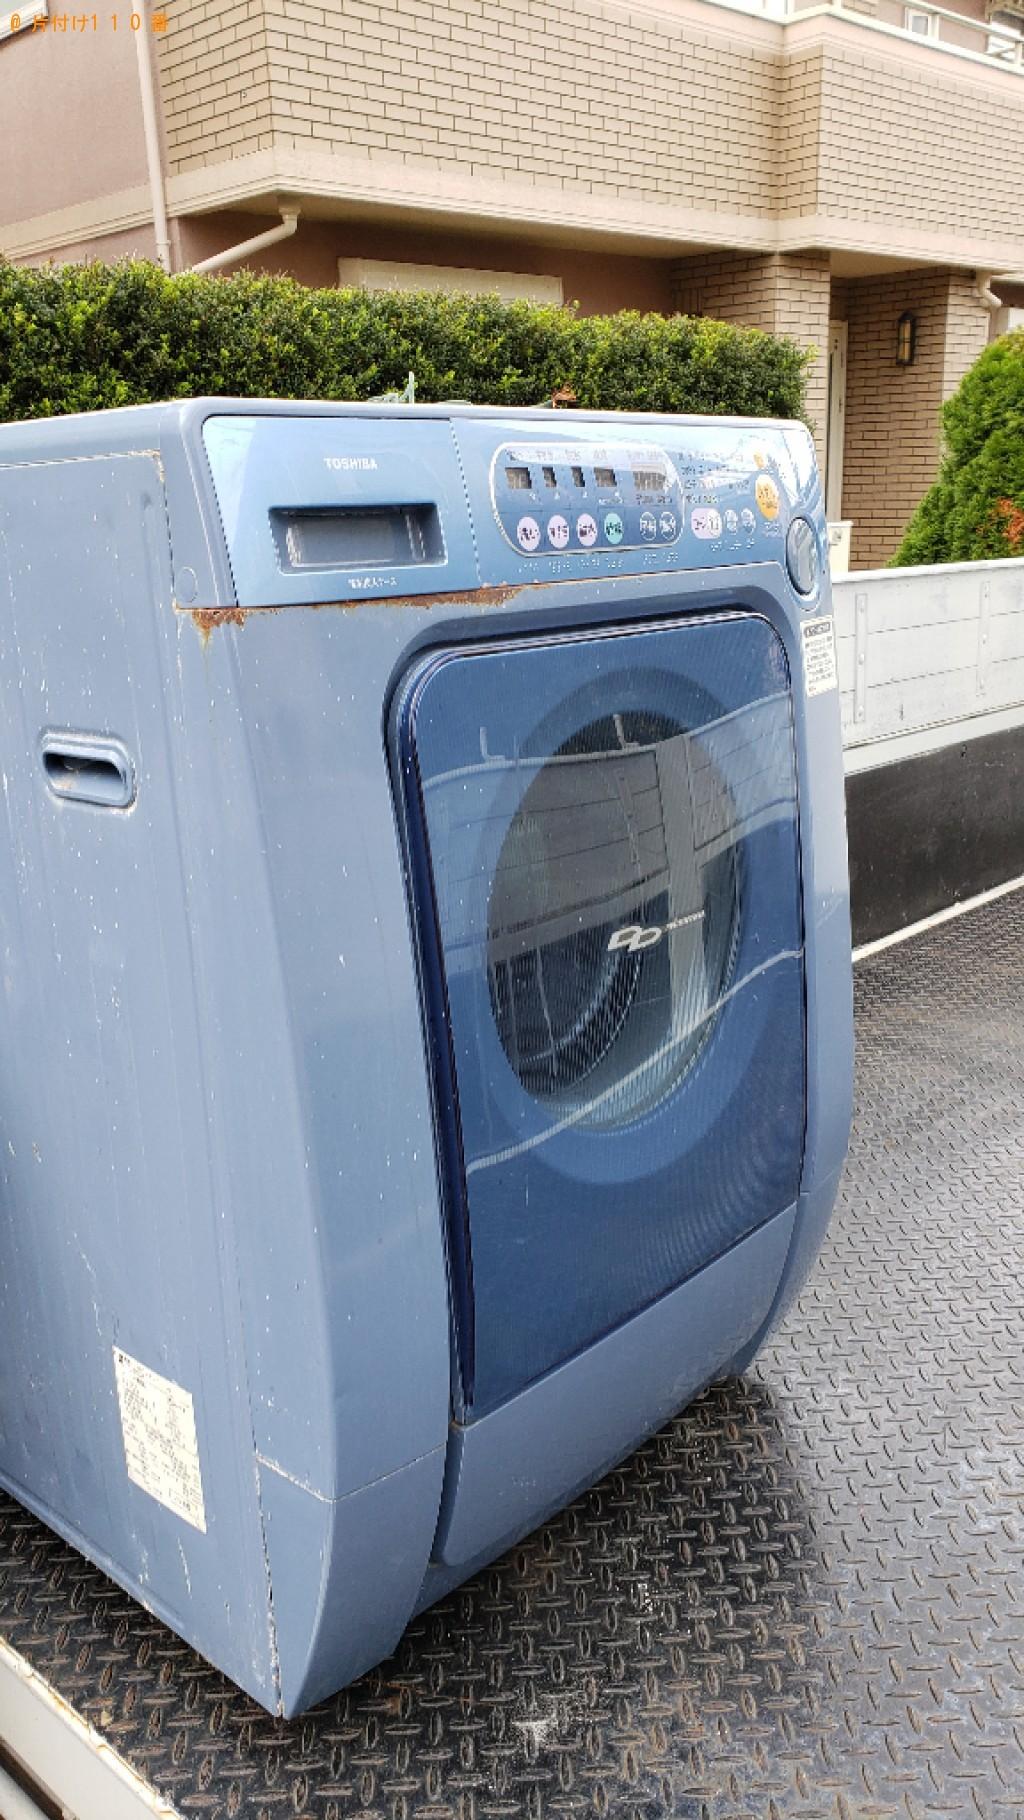 【千葉市花見川区】ドラム式洗濯機の出張不用品回収・処分ご依頼